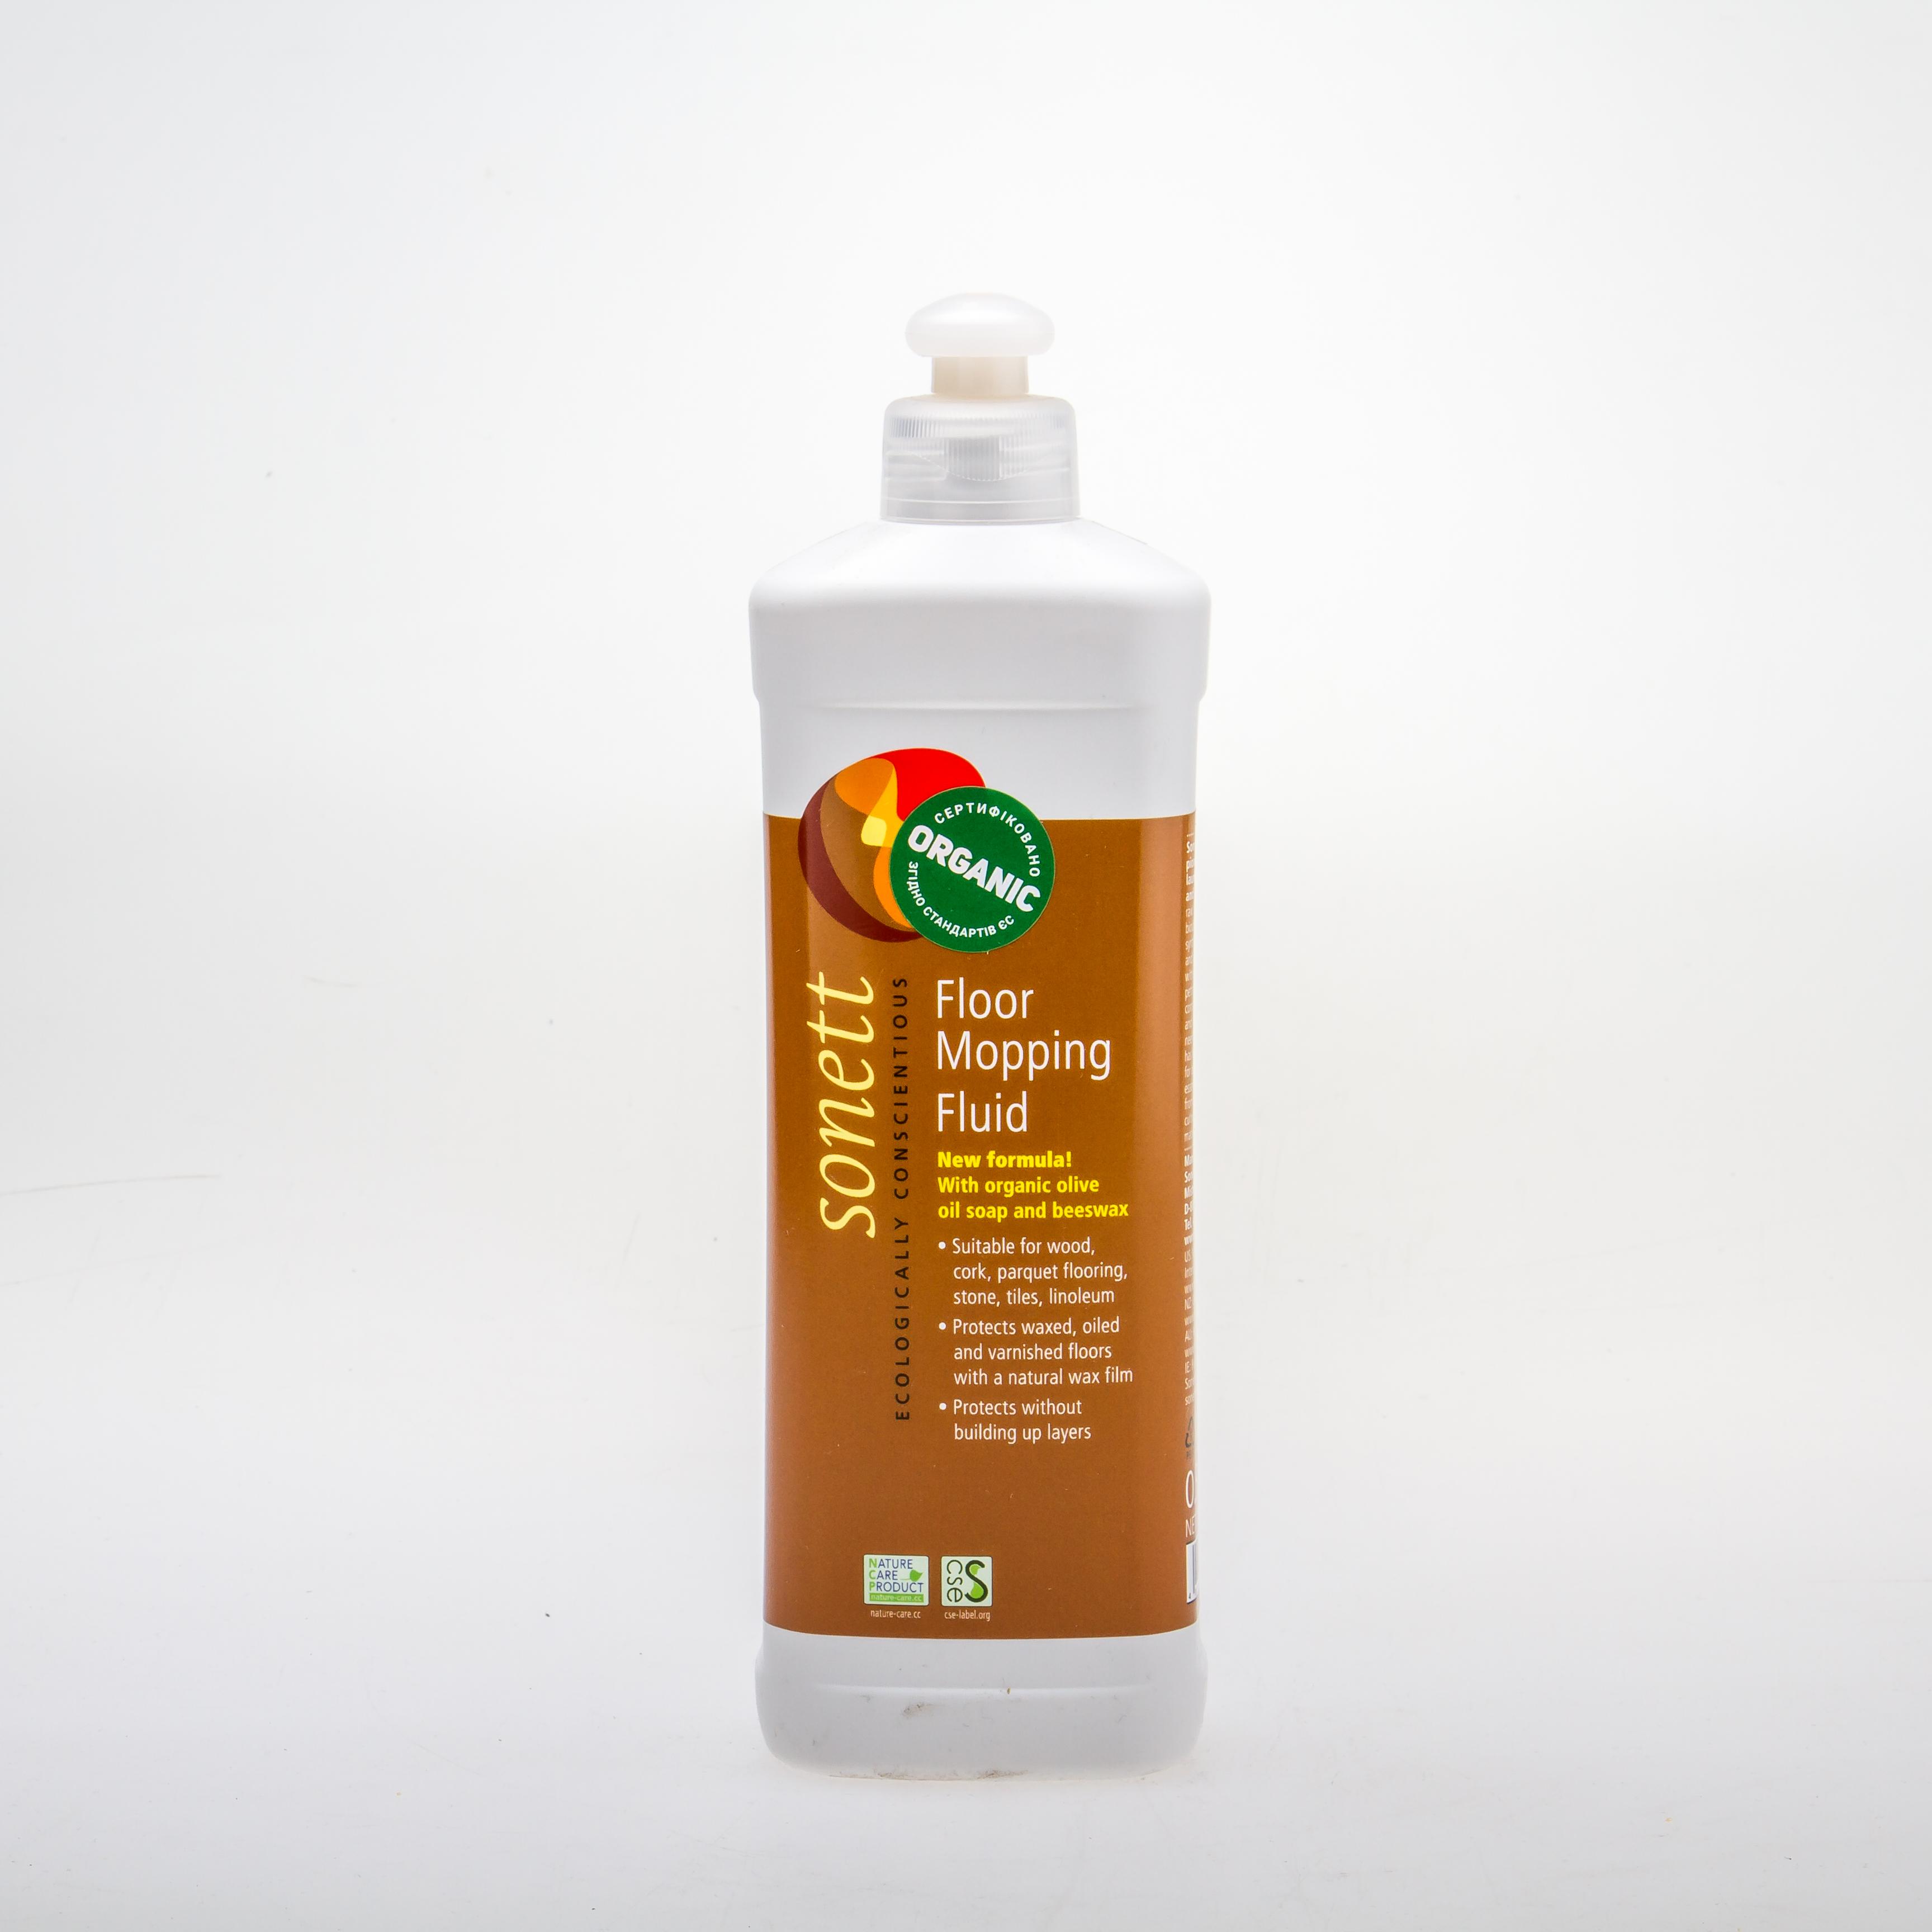 Sonett органічна рідина для миття підлоги, 500 мл - купить в интернет-магазине Юнимед